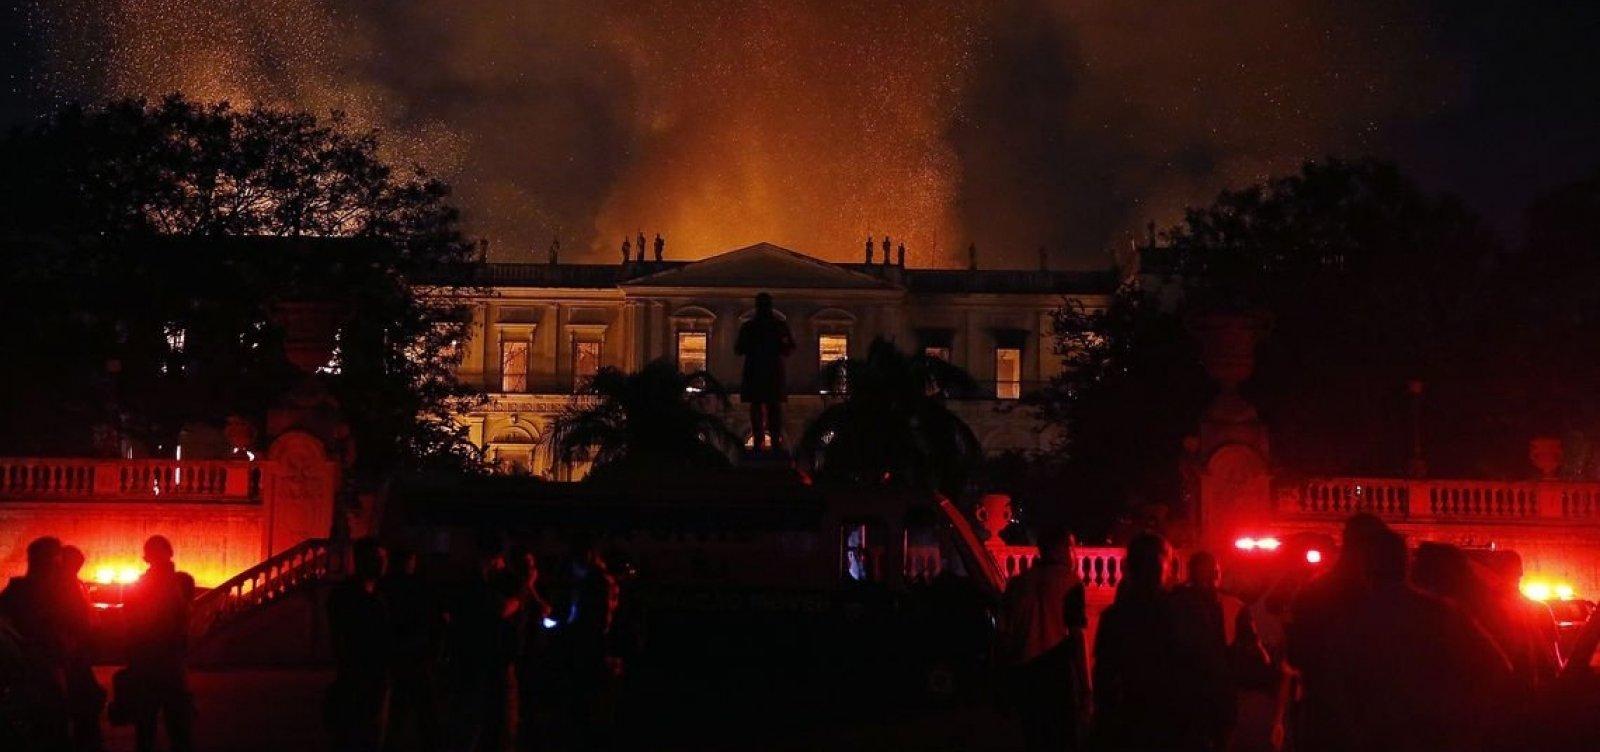 [Após incêndio, MEC corta R$ 12 milhões do Museu Nacional]